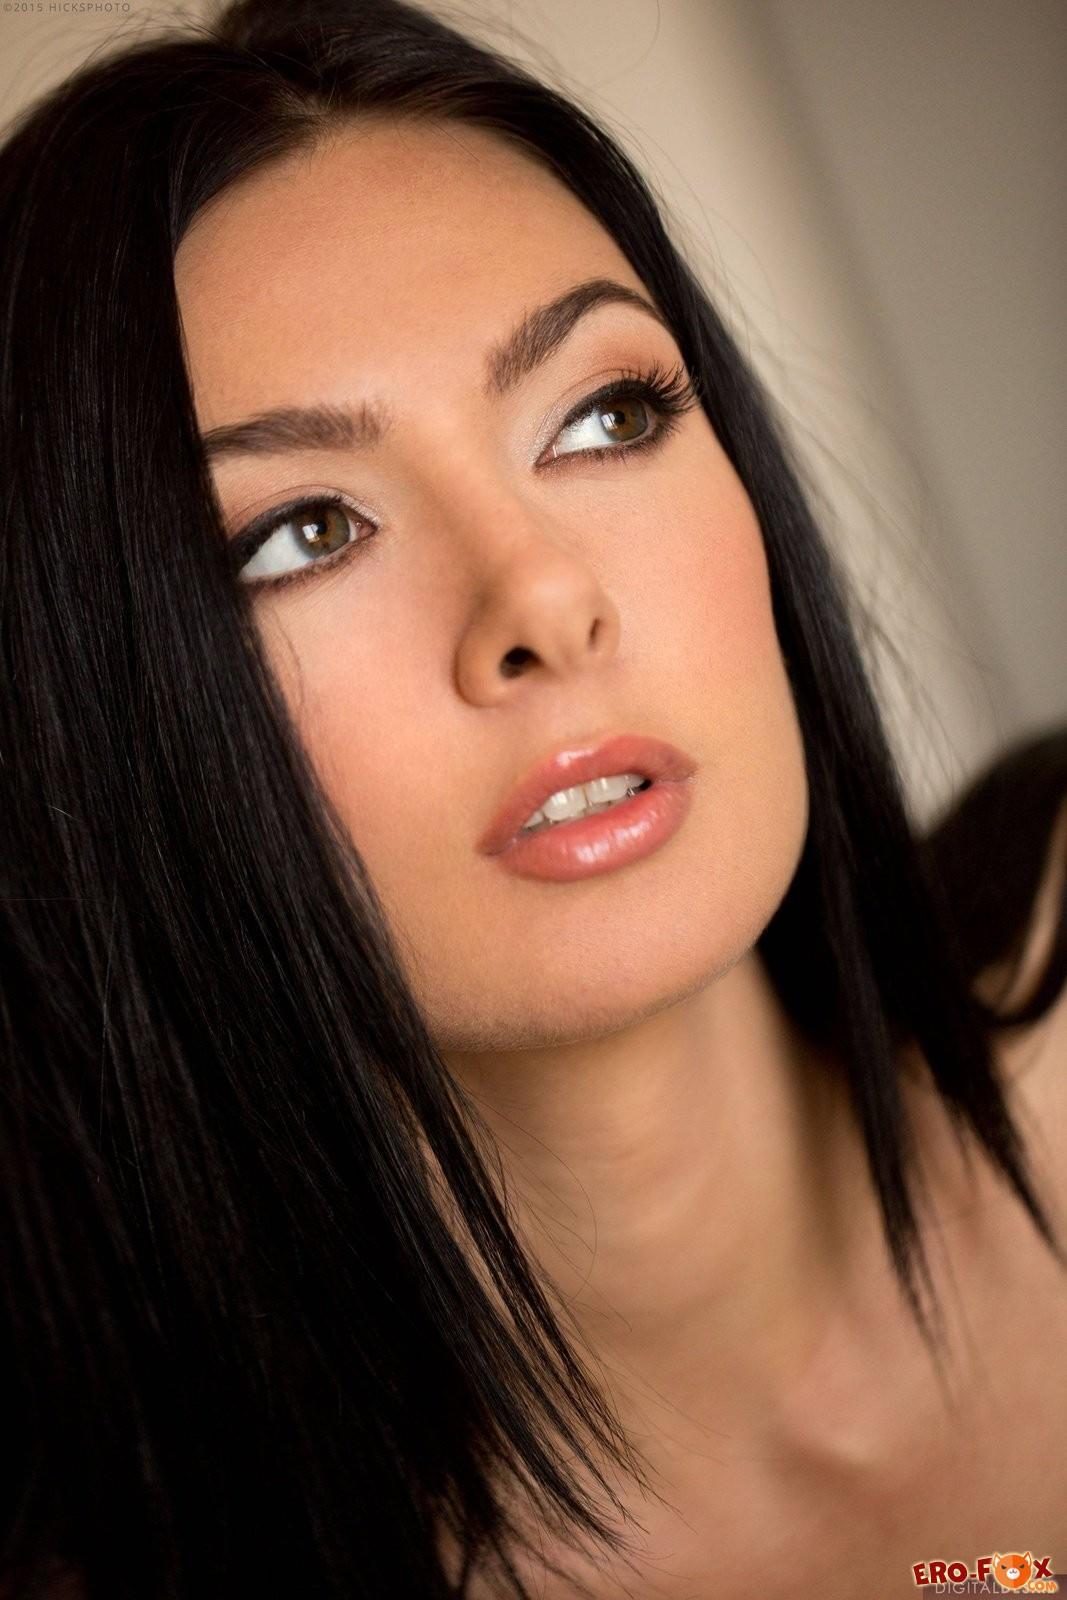 Сексуальная брюнетка сняла белое бельё